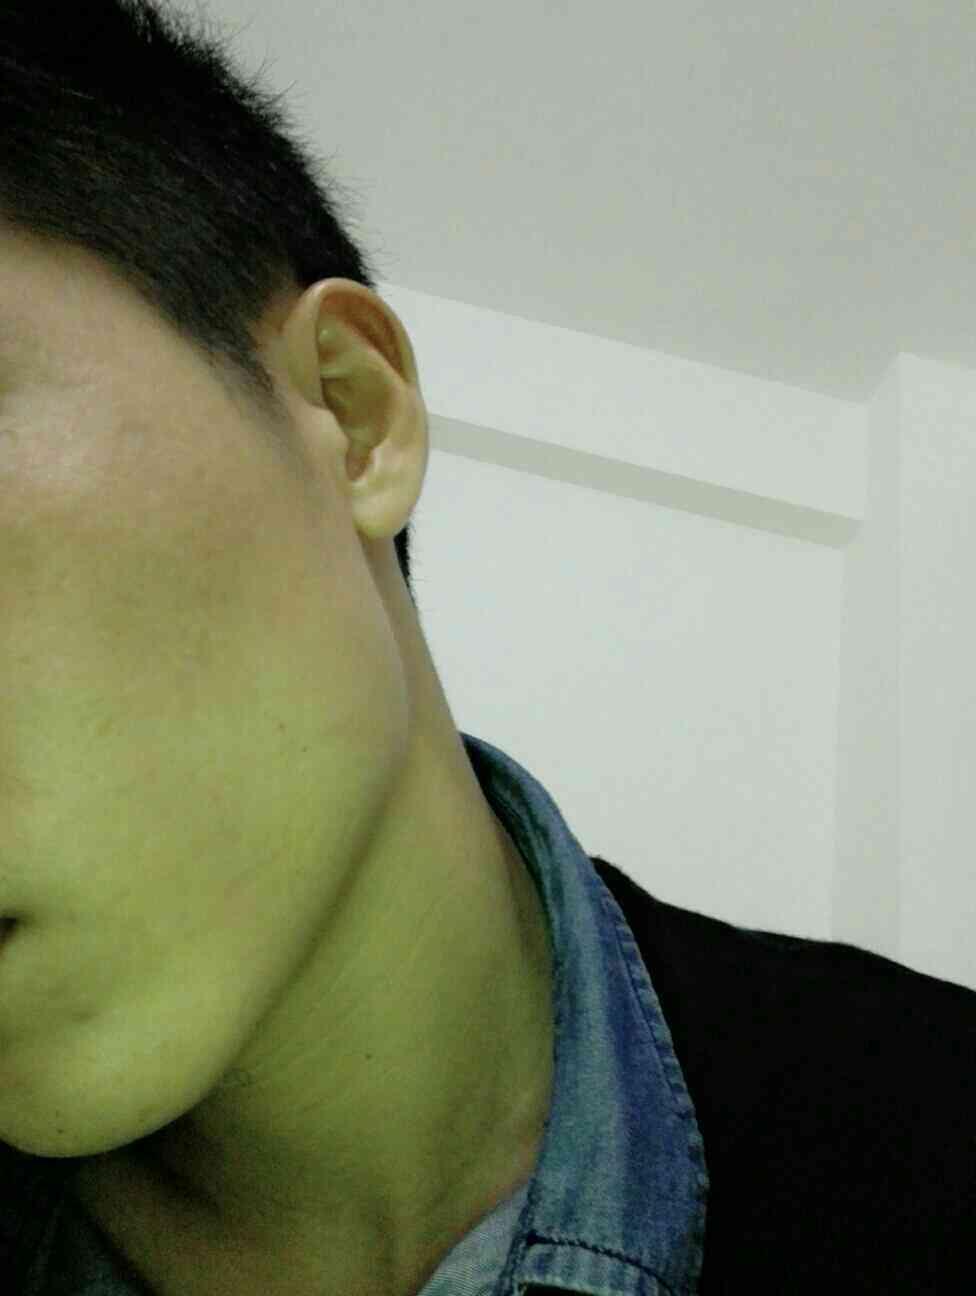 激光去痘疤有副作用吗?脸上这样真实影响我的形象,我也是正儿八经的小鲜肉一枚好吗?